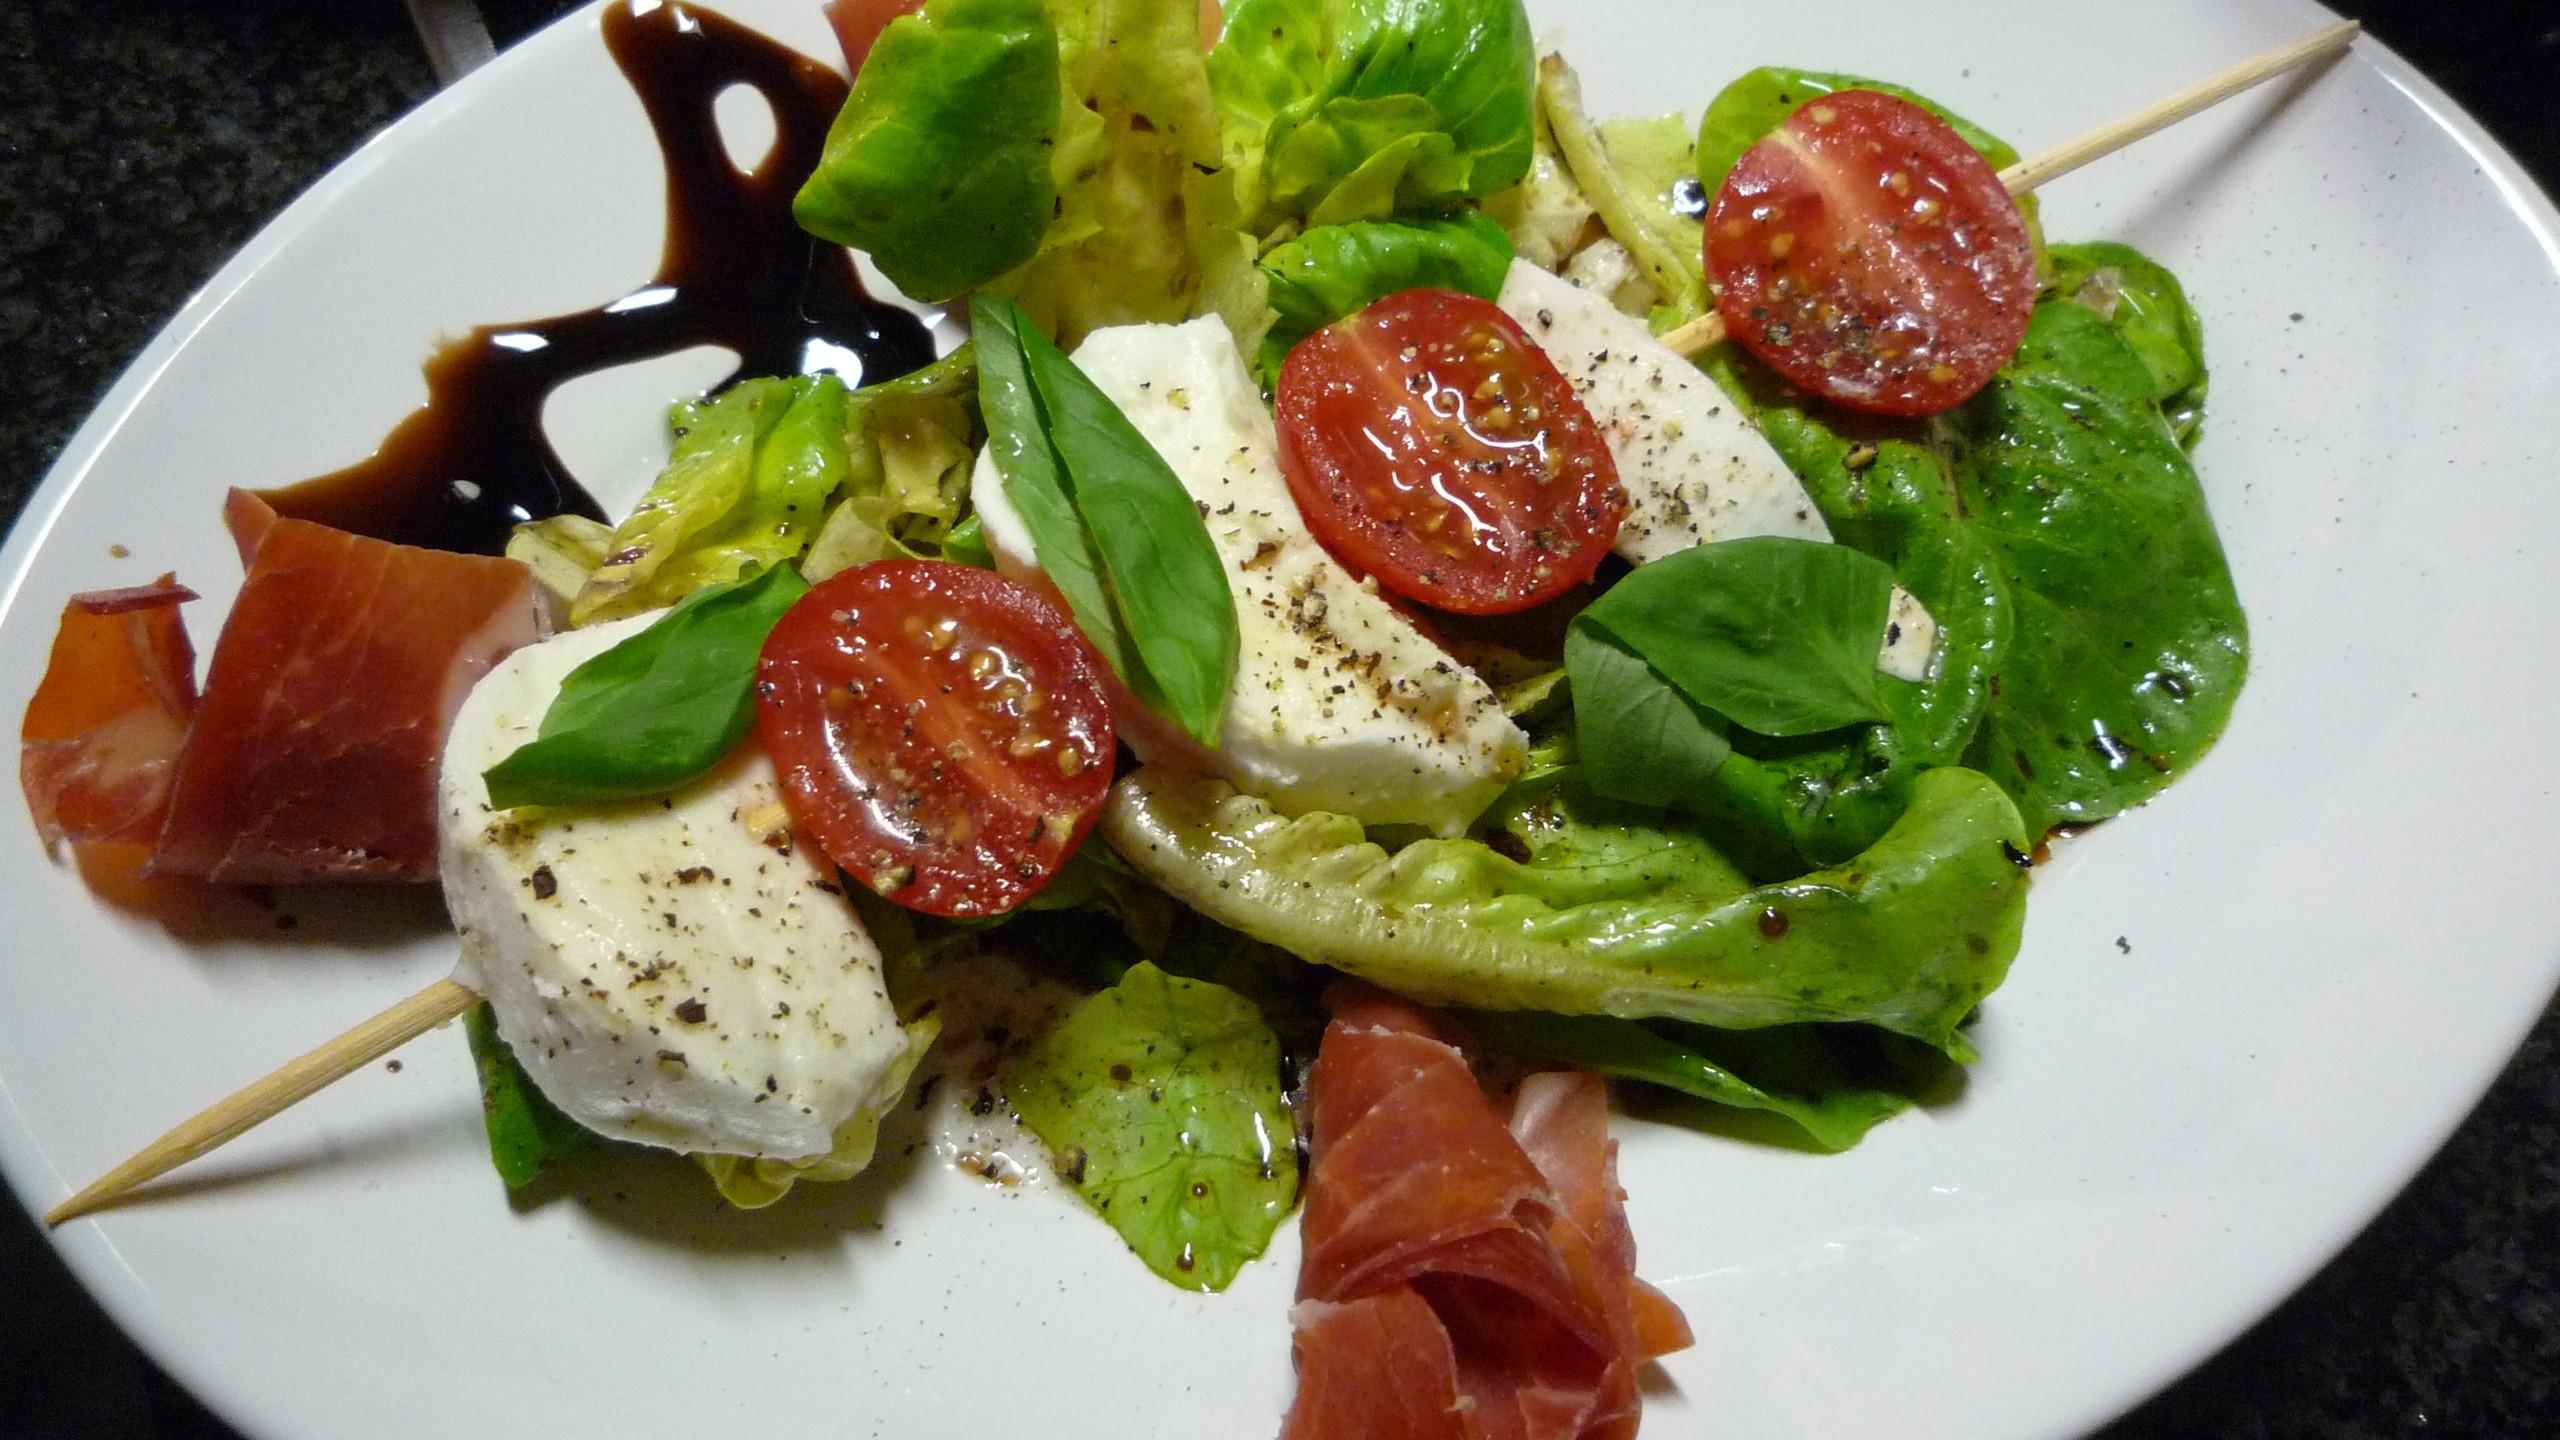 Mozzarella-Spiesschen auf Salatbett